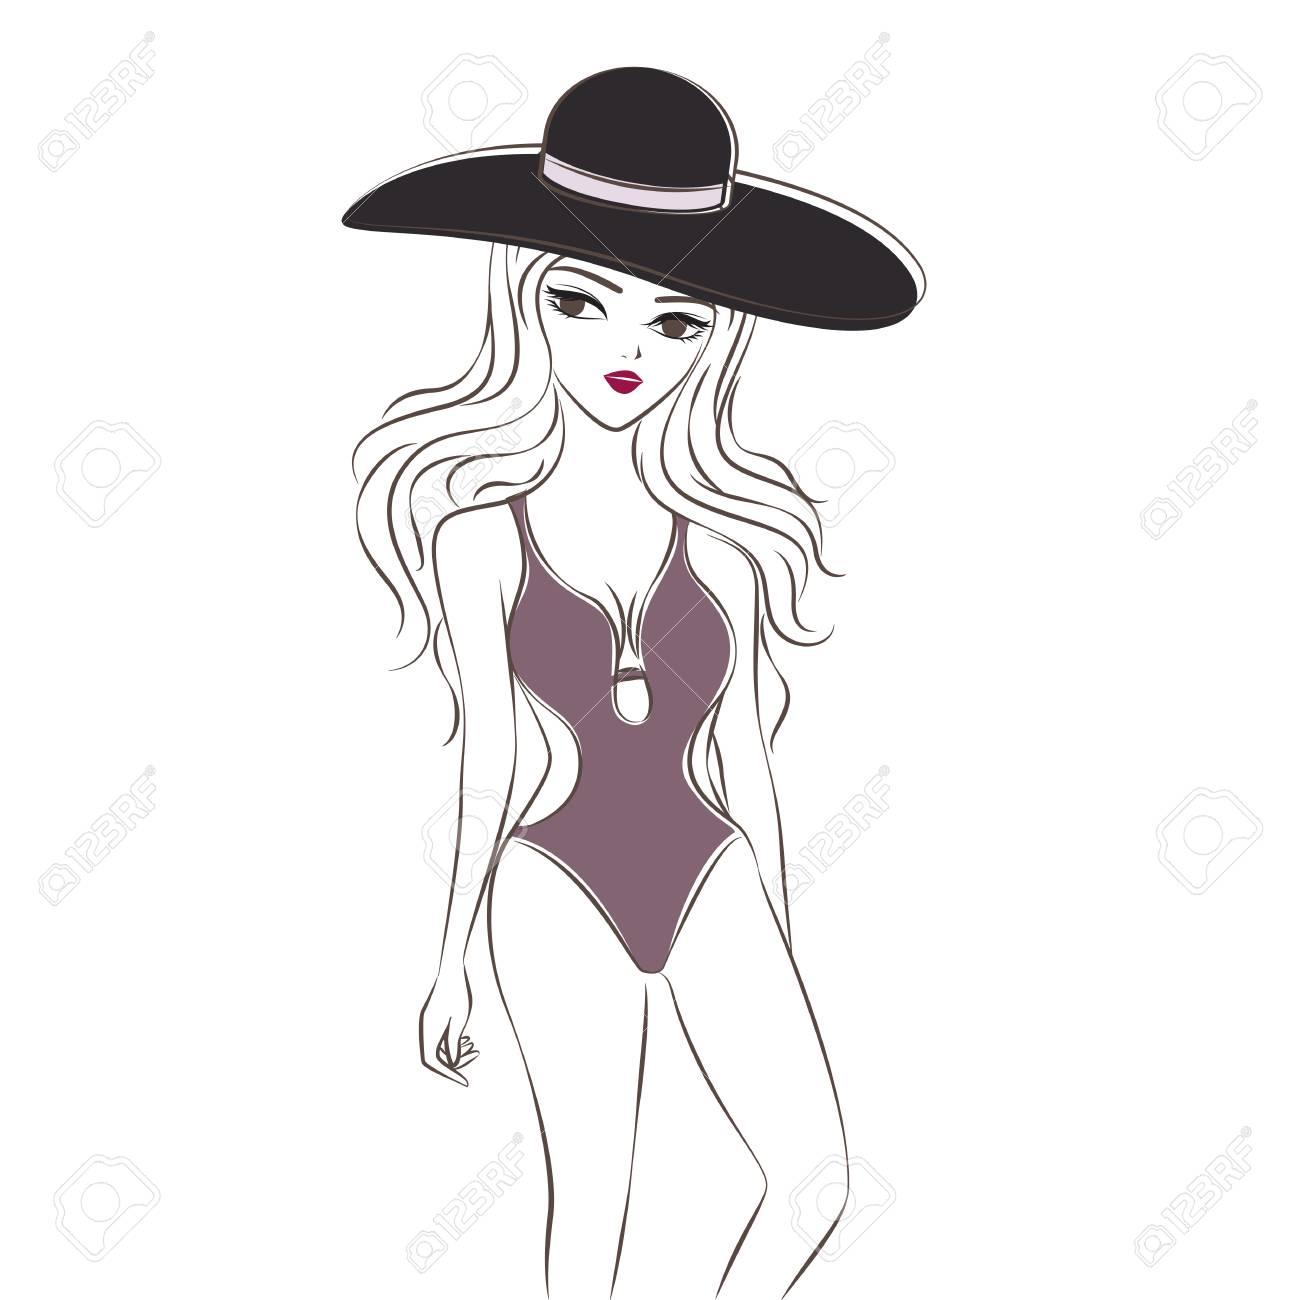 4989a007f Trajes De Baño De Una Pieza Para Mujer. Trajes De Baño Púrpura. Dibujos  Animados A Mano Dibujo Estilo Doodle. Para Diseño Gráfico